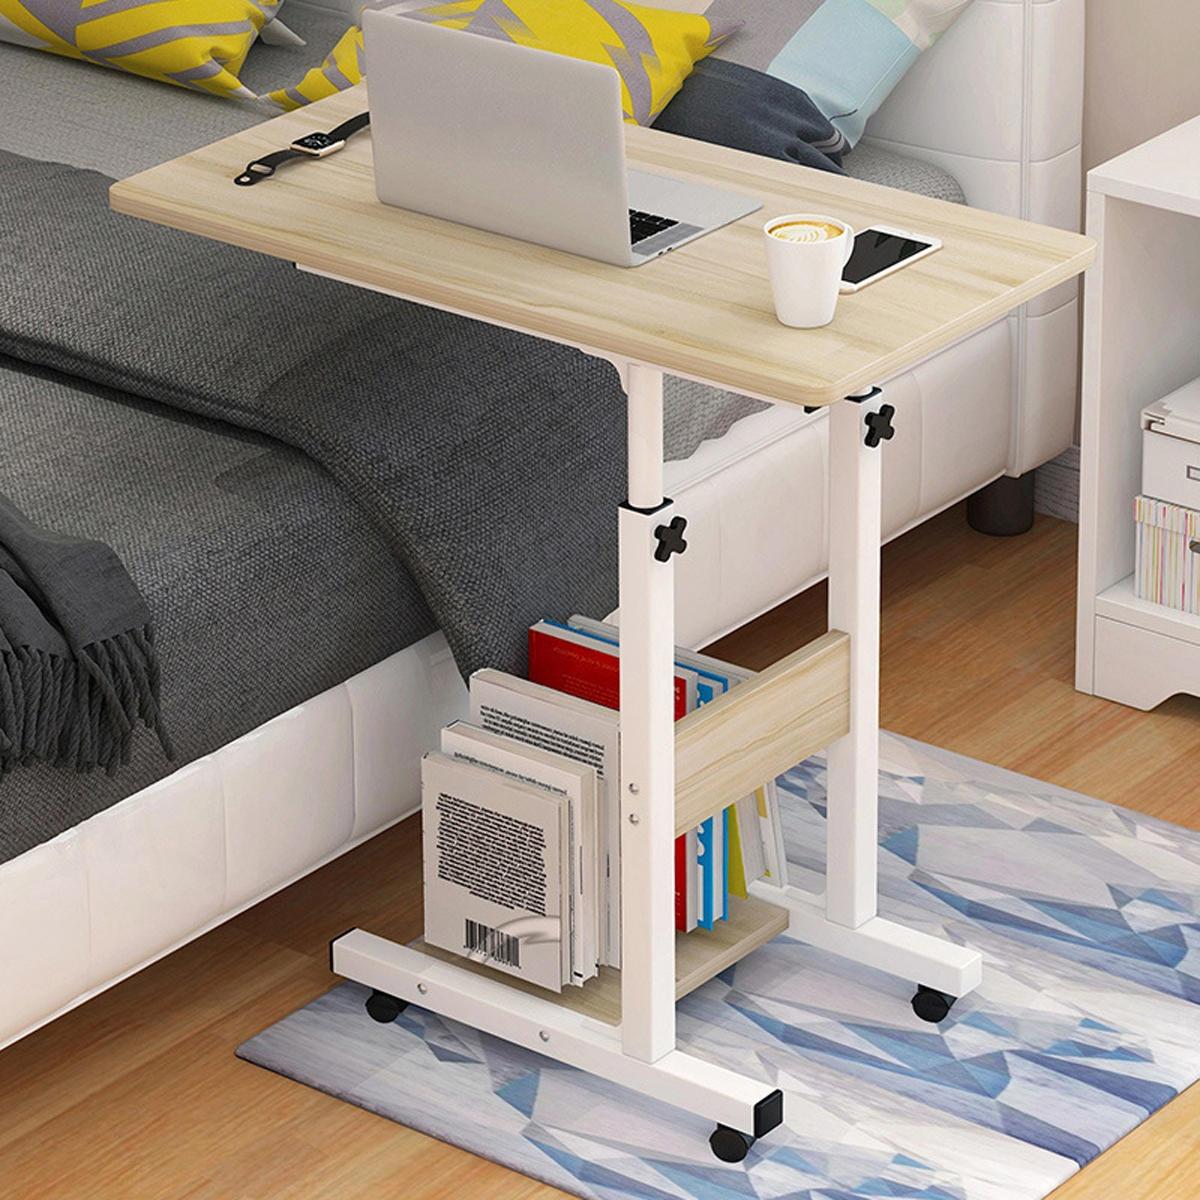 Flyttbar bärbar dator Skrivbord Hem Säng Latbord Nattduksbord Student Sovsal Studiebord Skrivbord